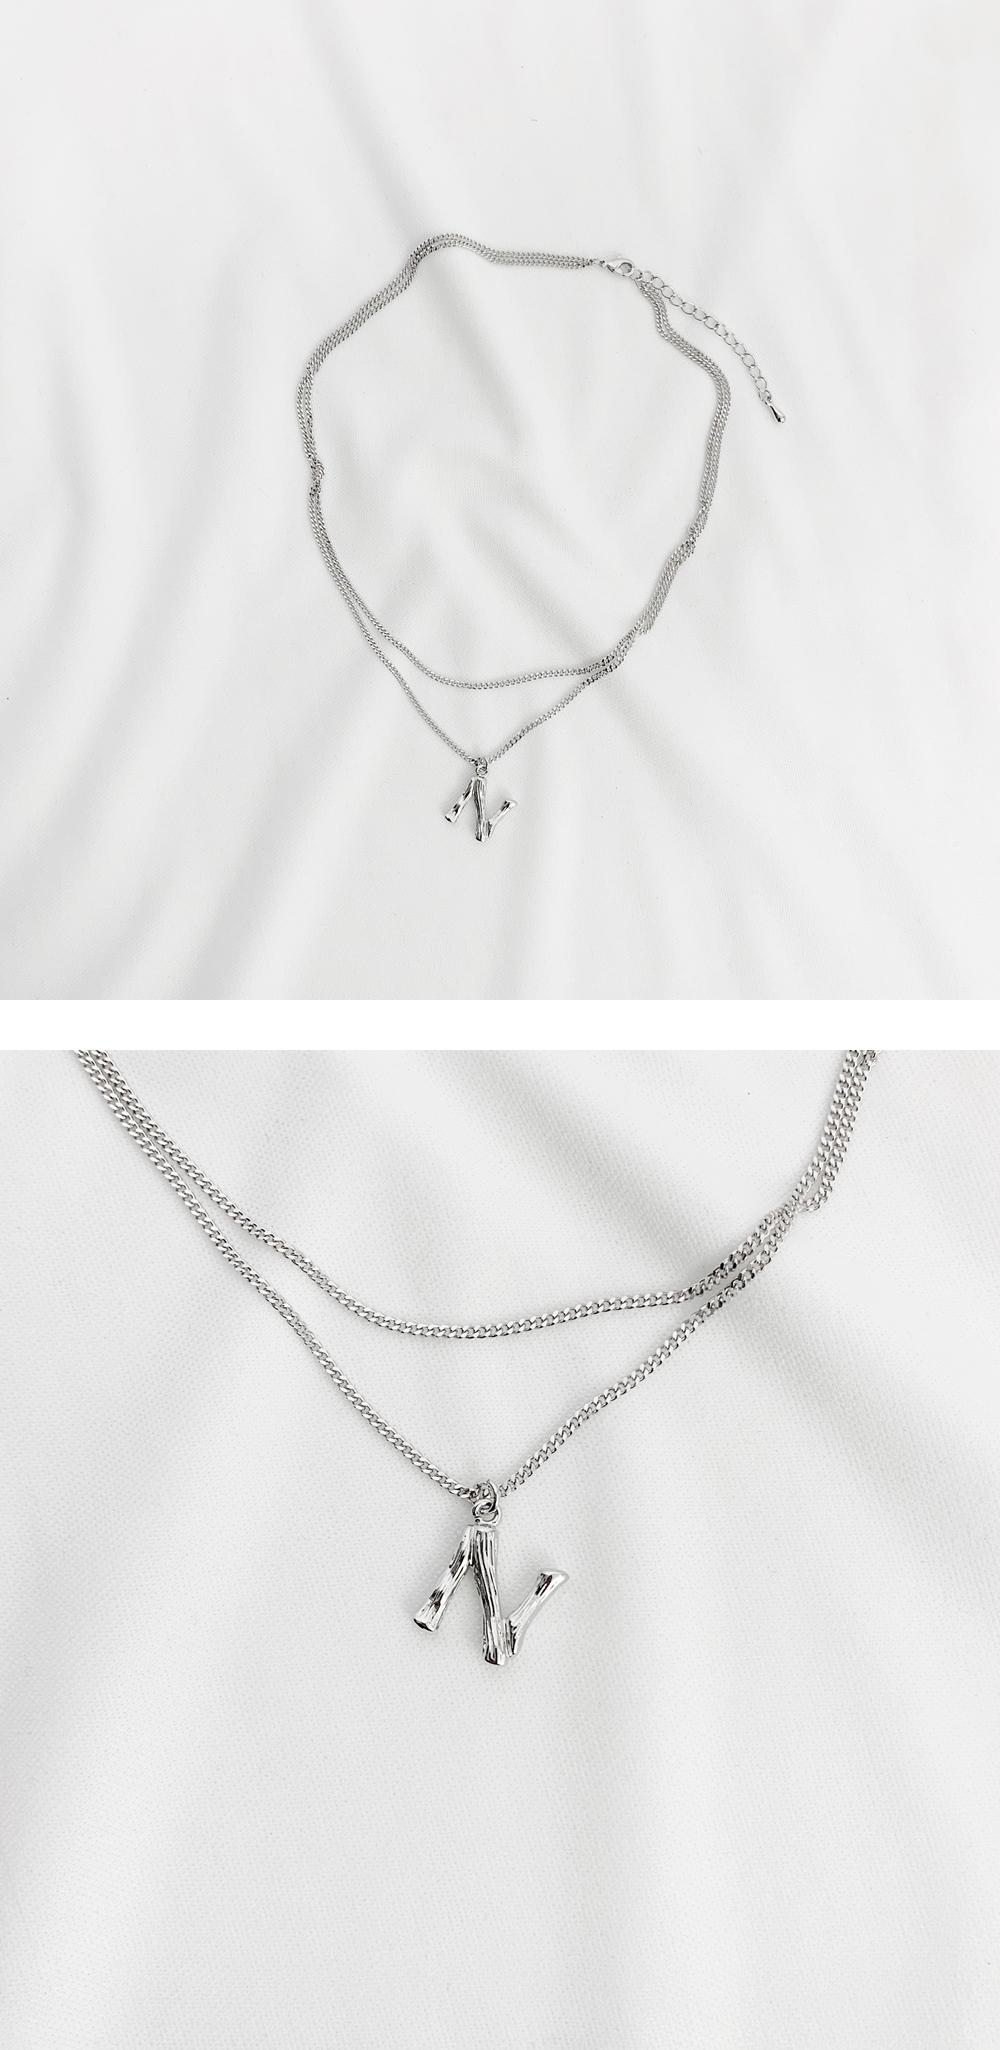 entréed chain necklace